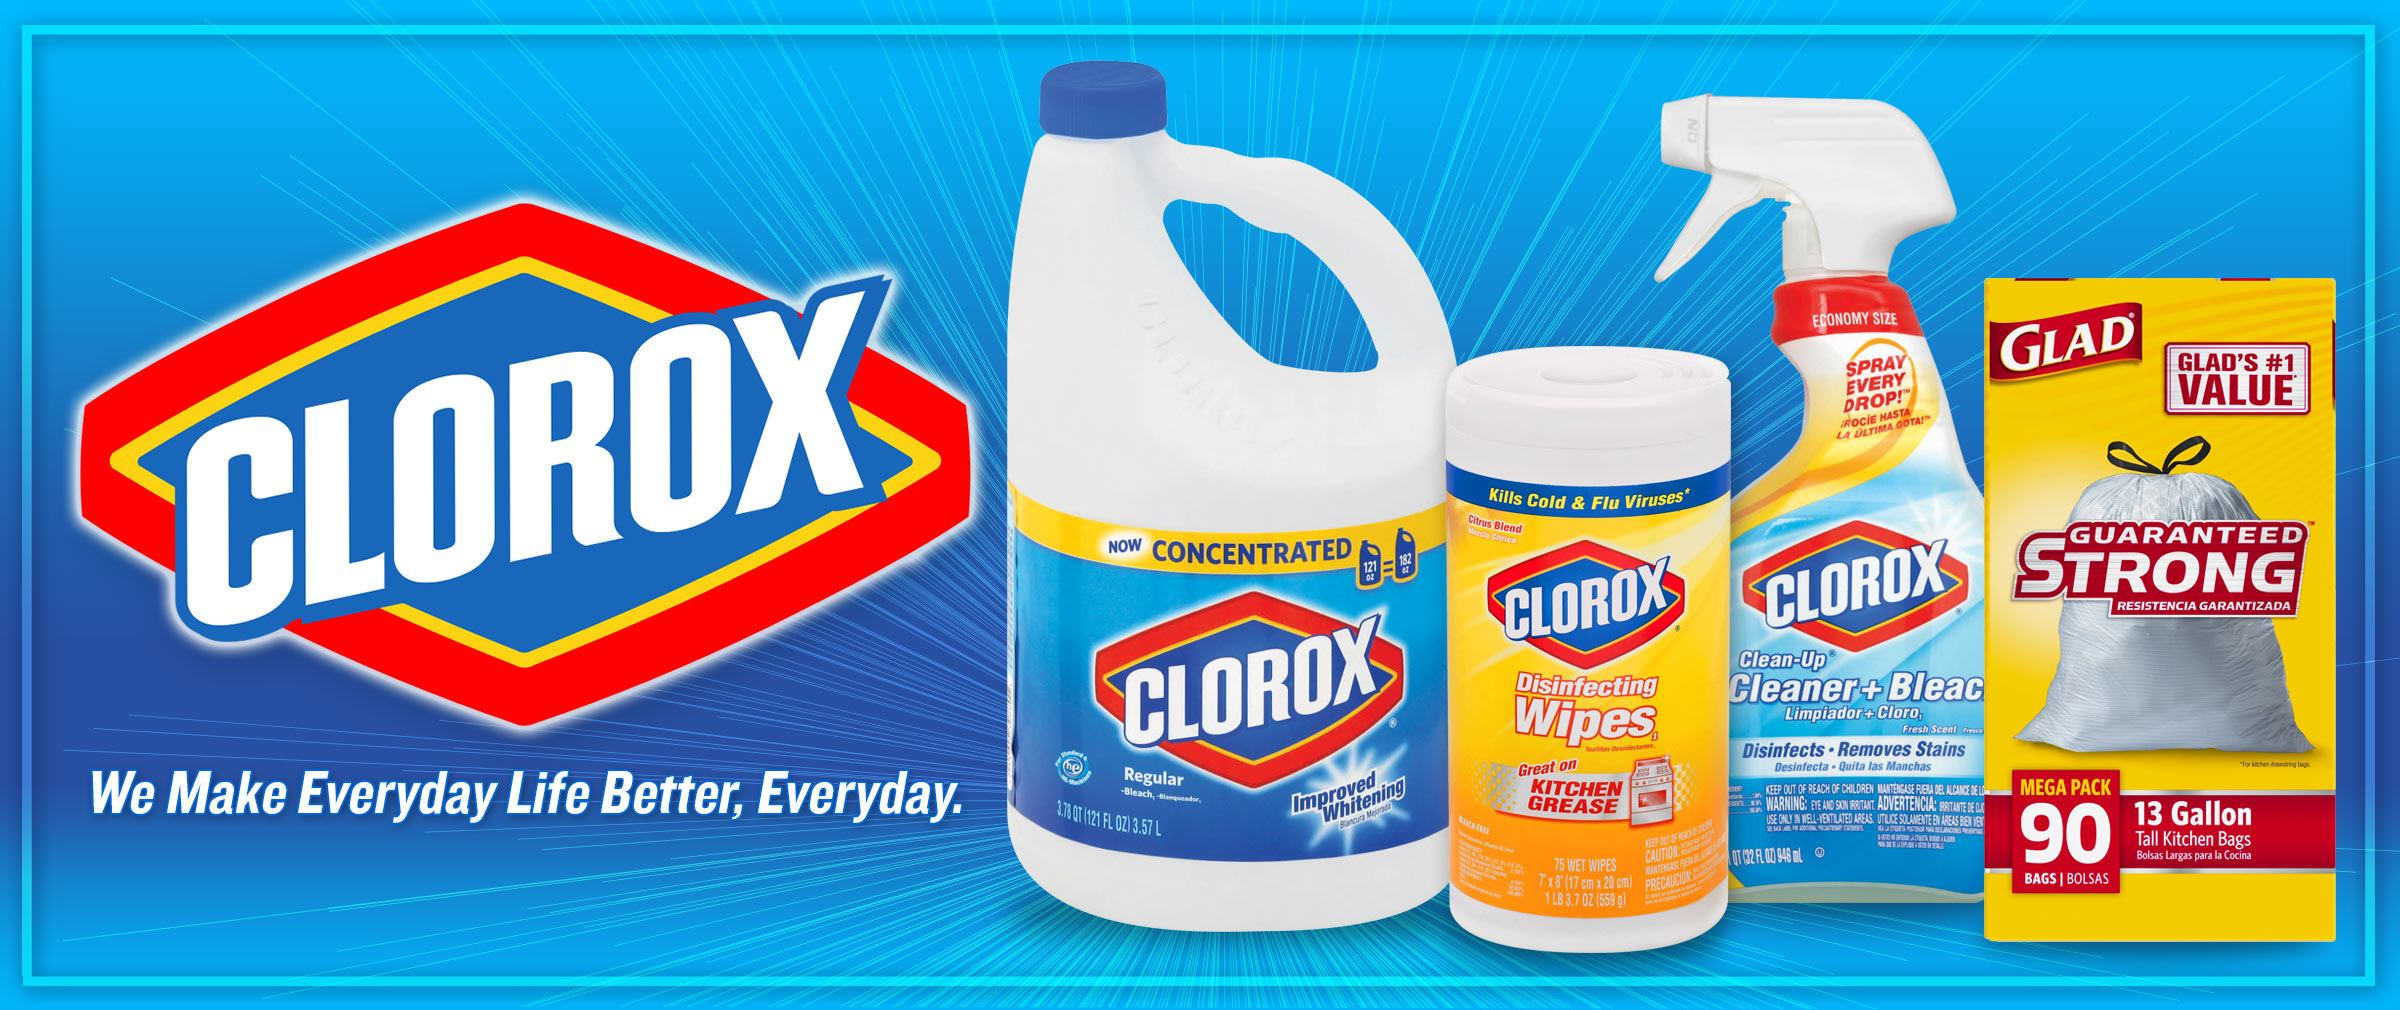 Clorox-webslider